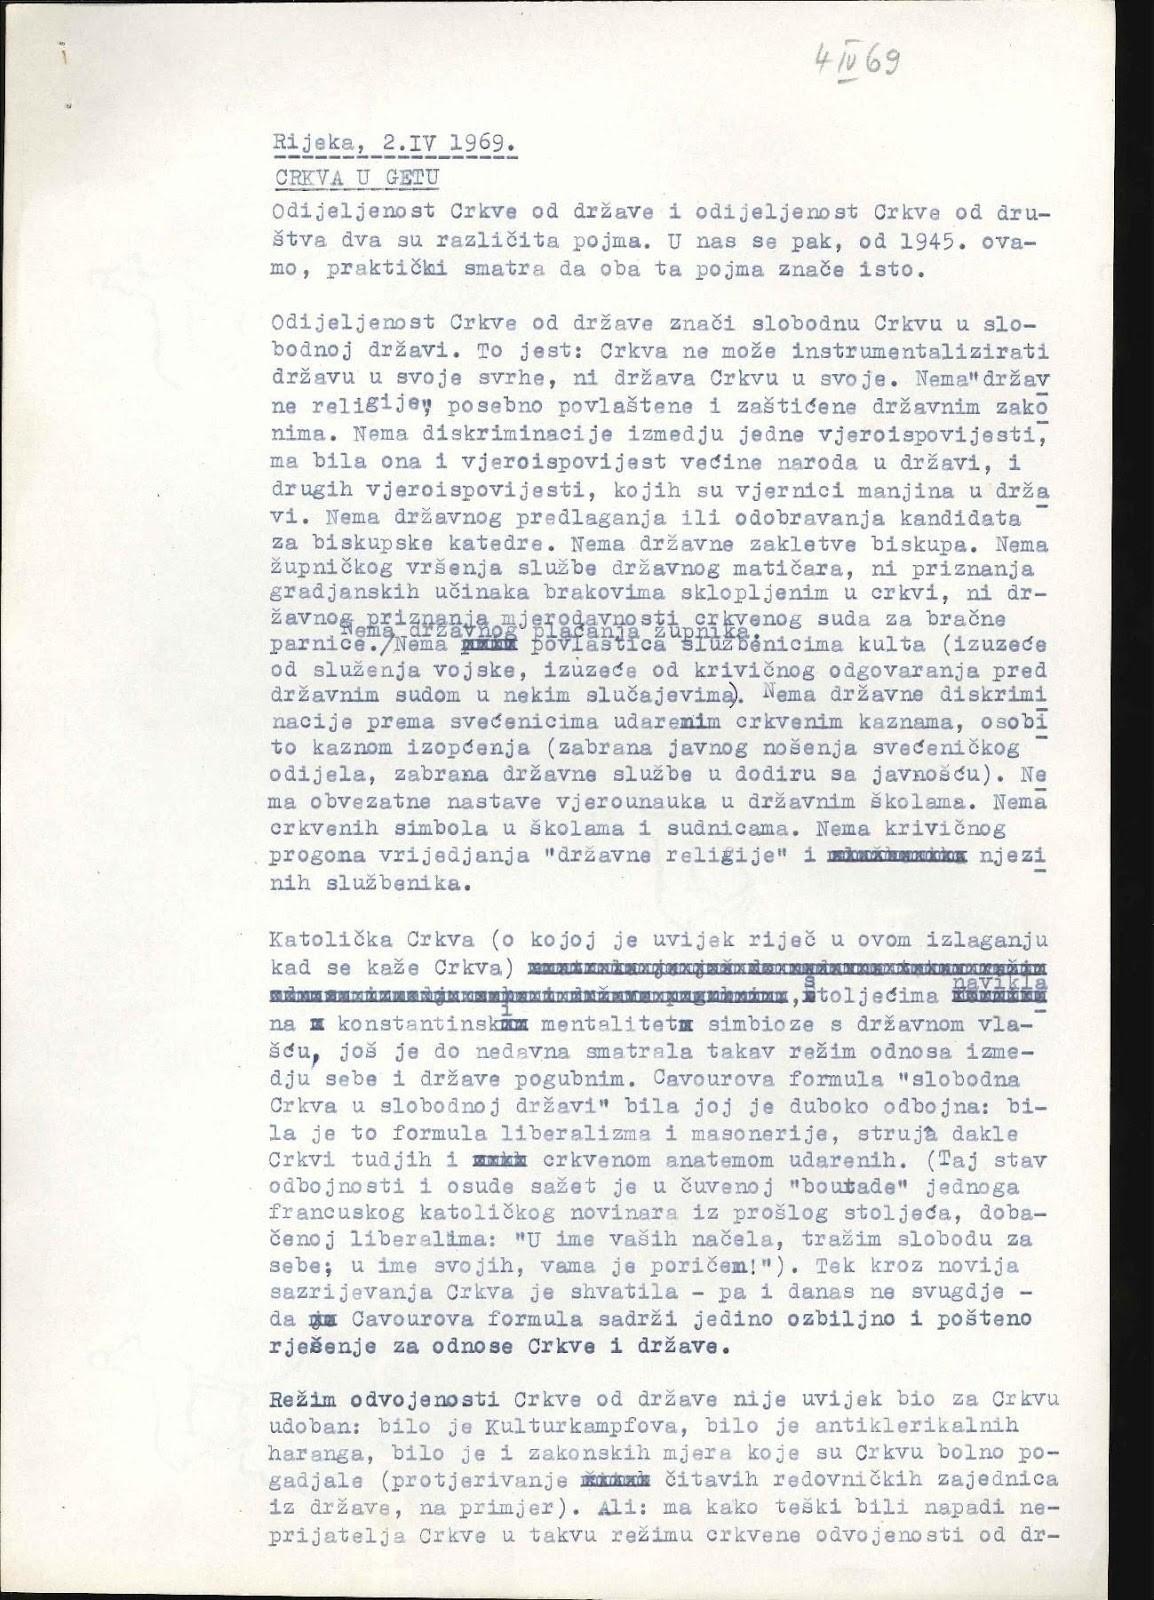 """Rendić, Smiljana. """"Crkva u getu"""" (The Church in a ghetto), 1969. Manuscript"""